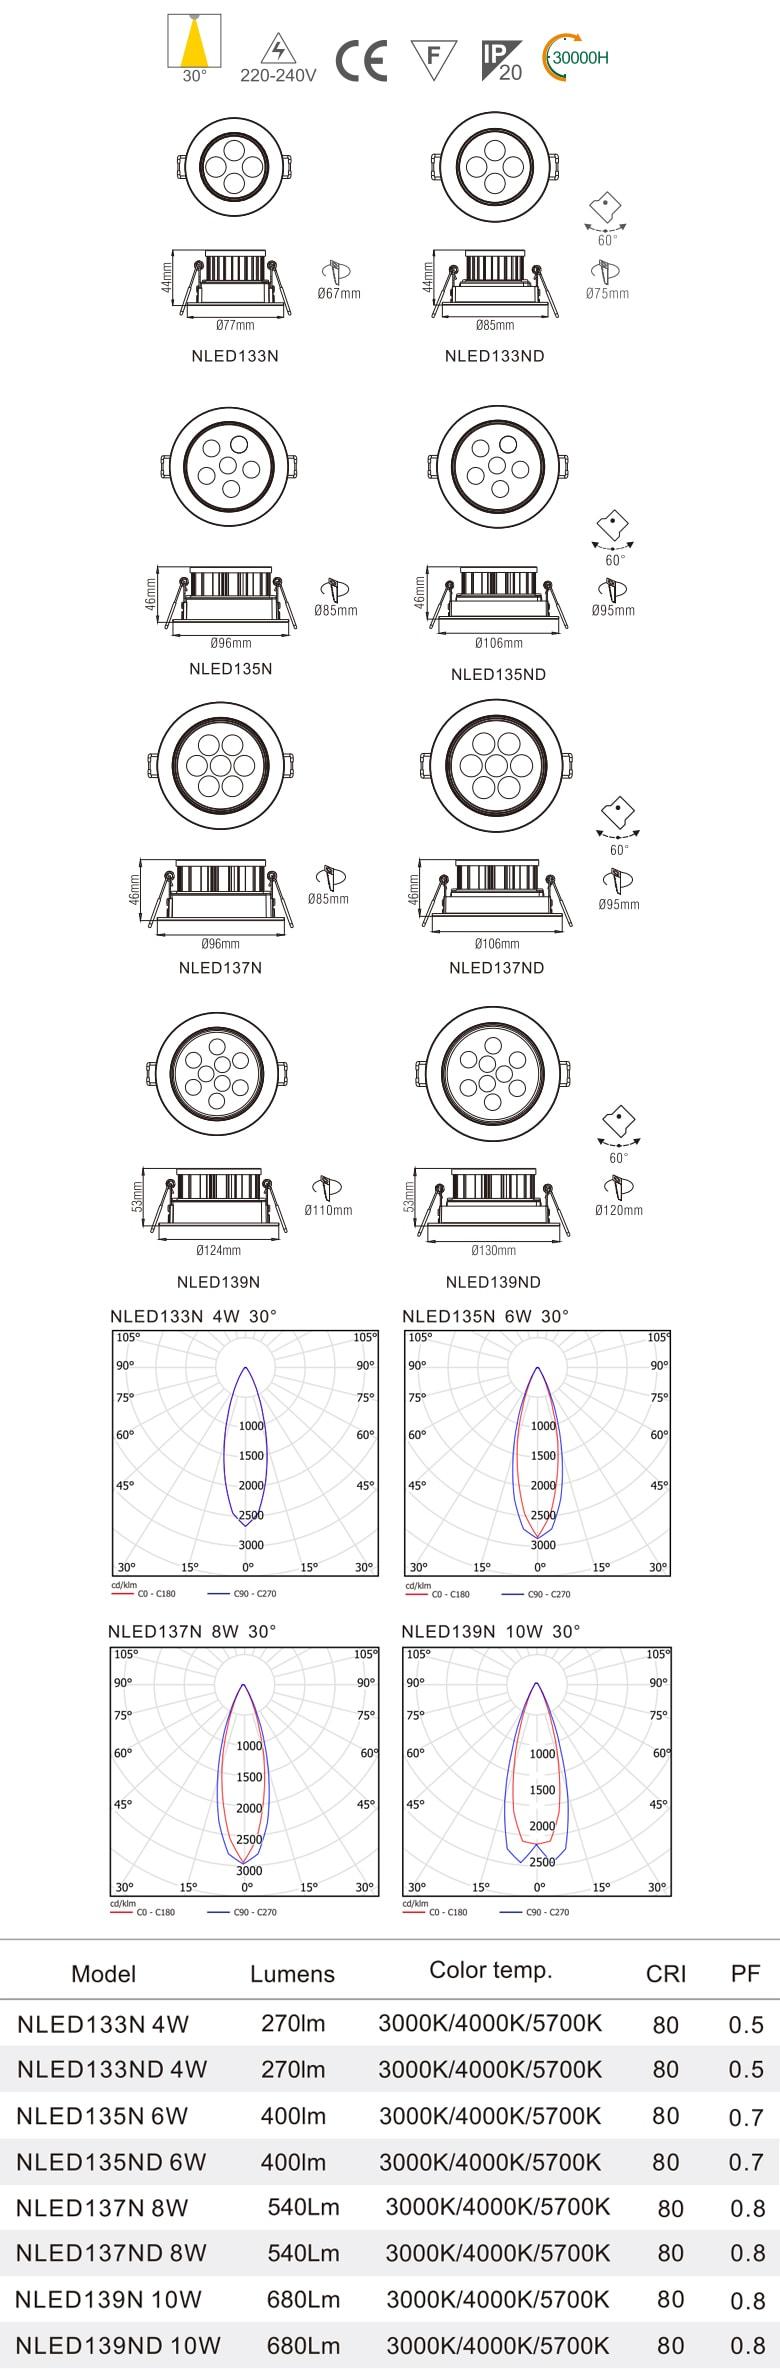 NLED13*N NLED13*ND Series - Đèn rọi LED SMD nguyên khối, tản nhiệt dạng lá thép đàn hồi chống gỉ, chấn lưu rời